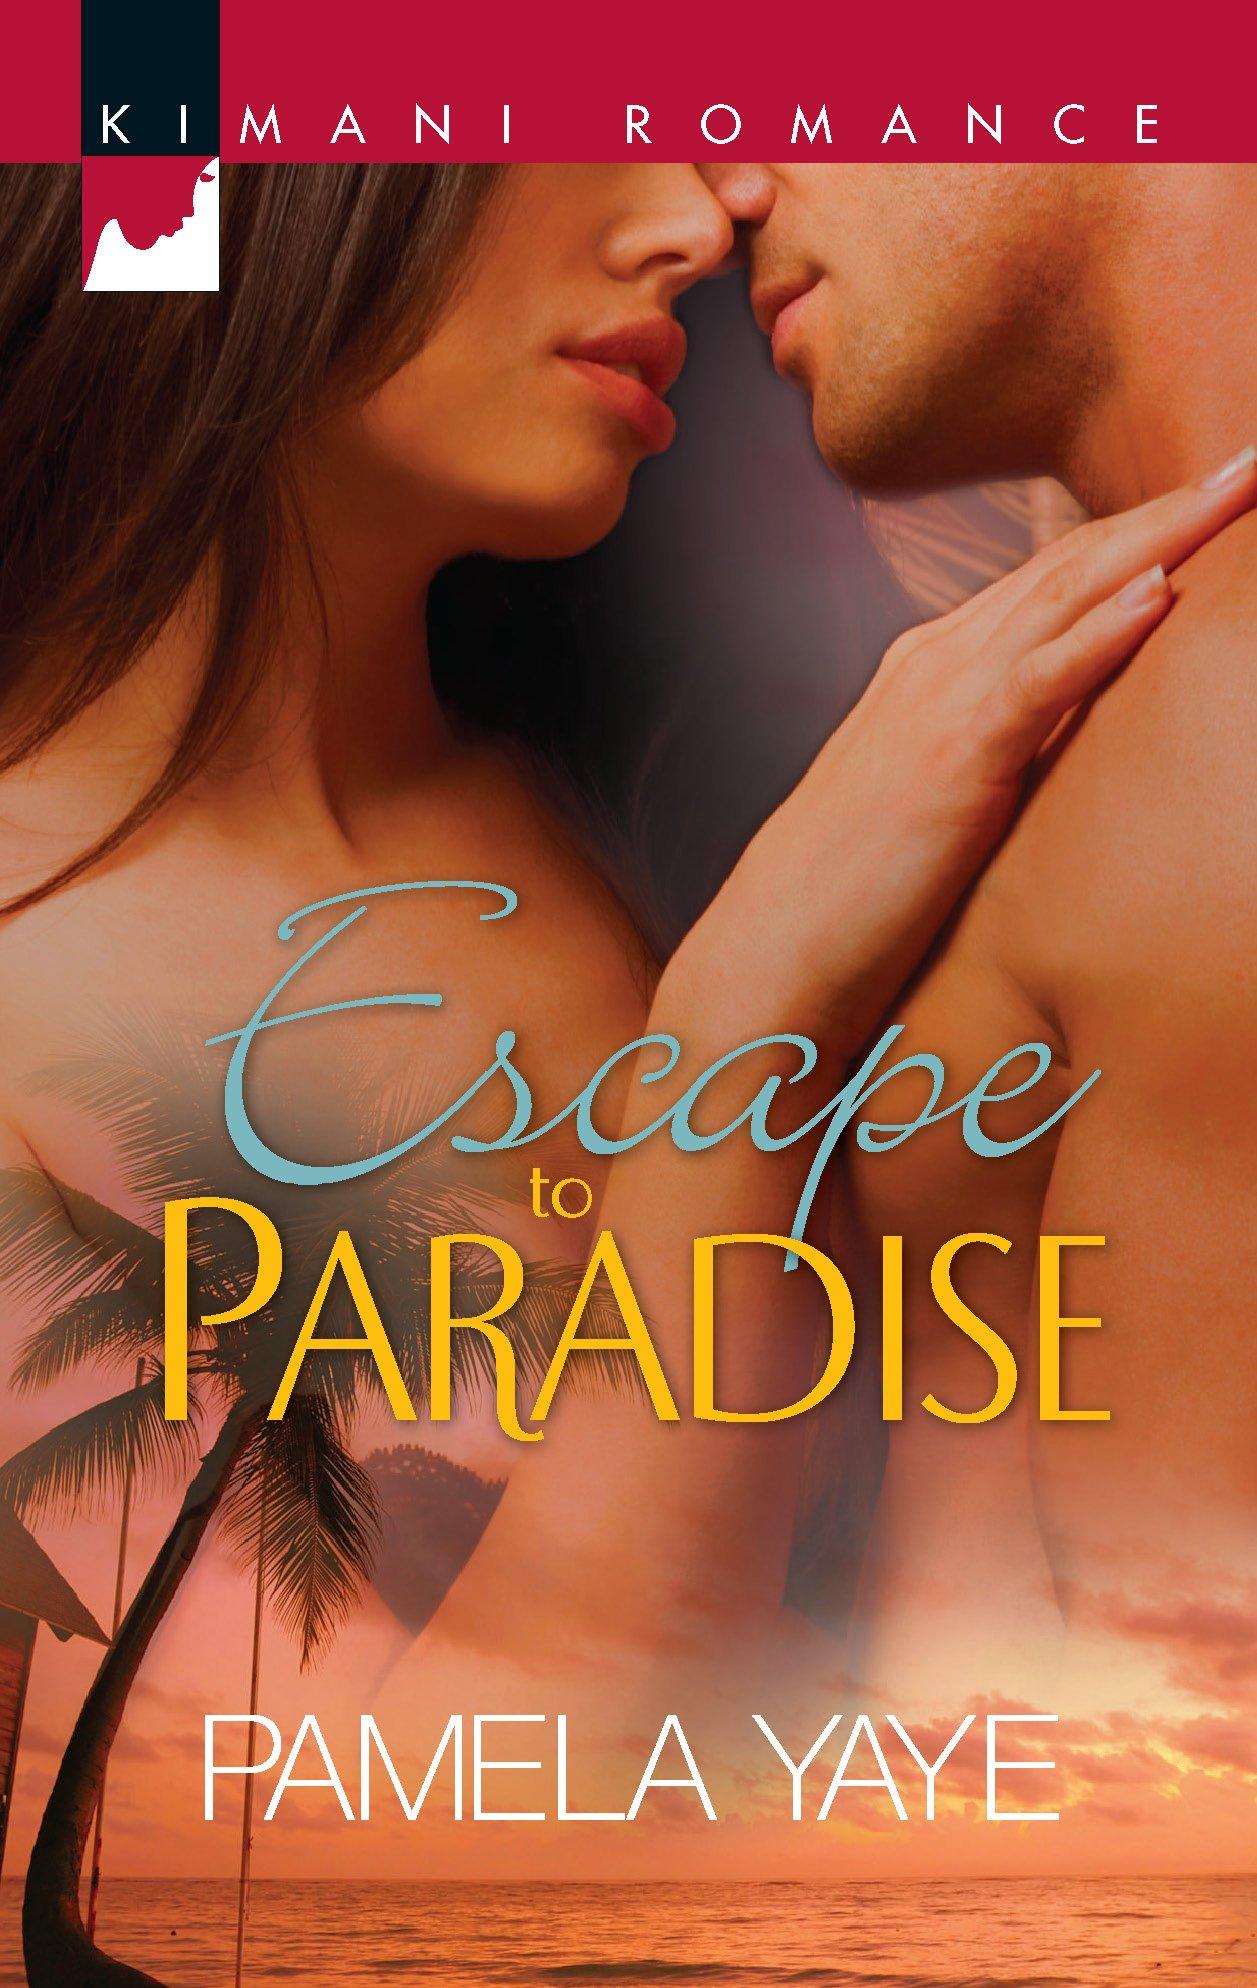 Escape to Paradise (Kimani Romance): Pamela Yaye: 9780373862467:  Amazon.com: Books